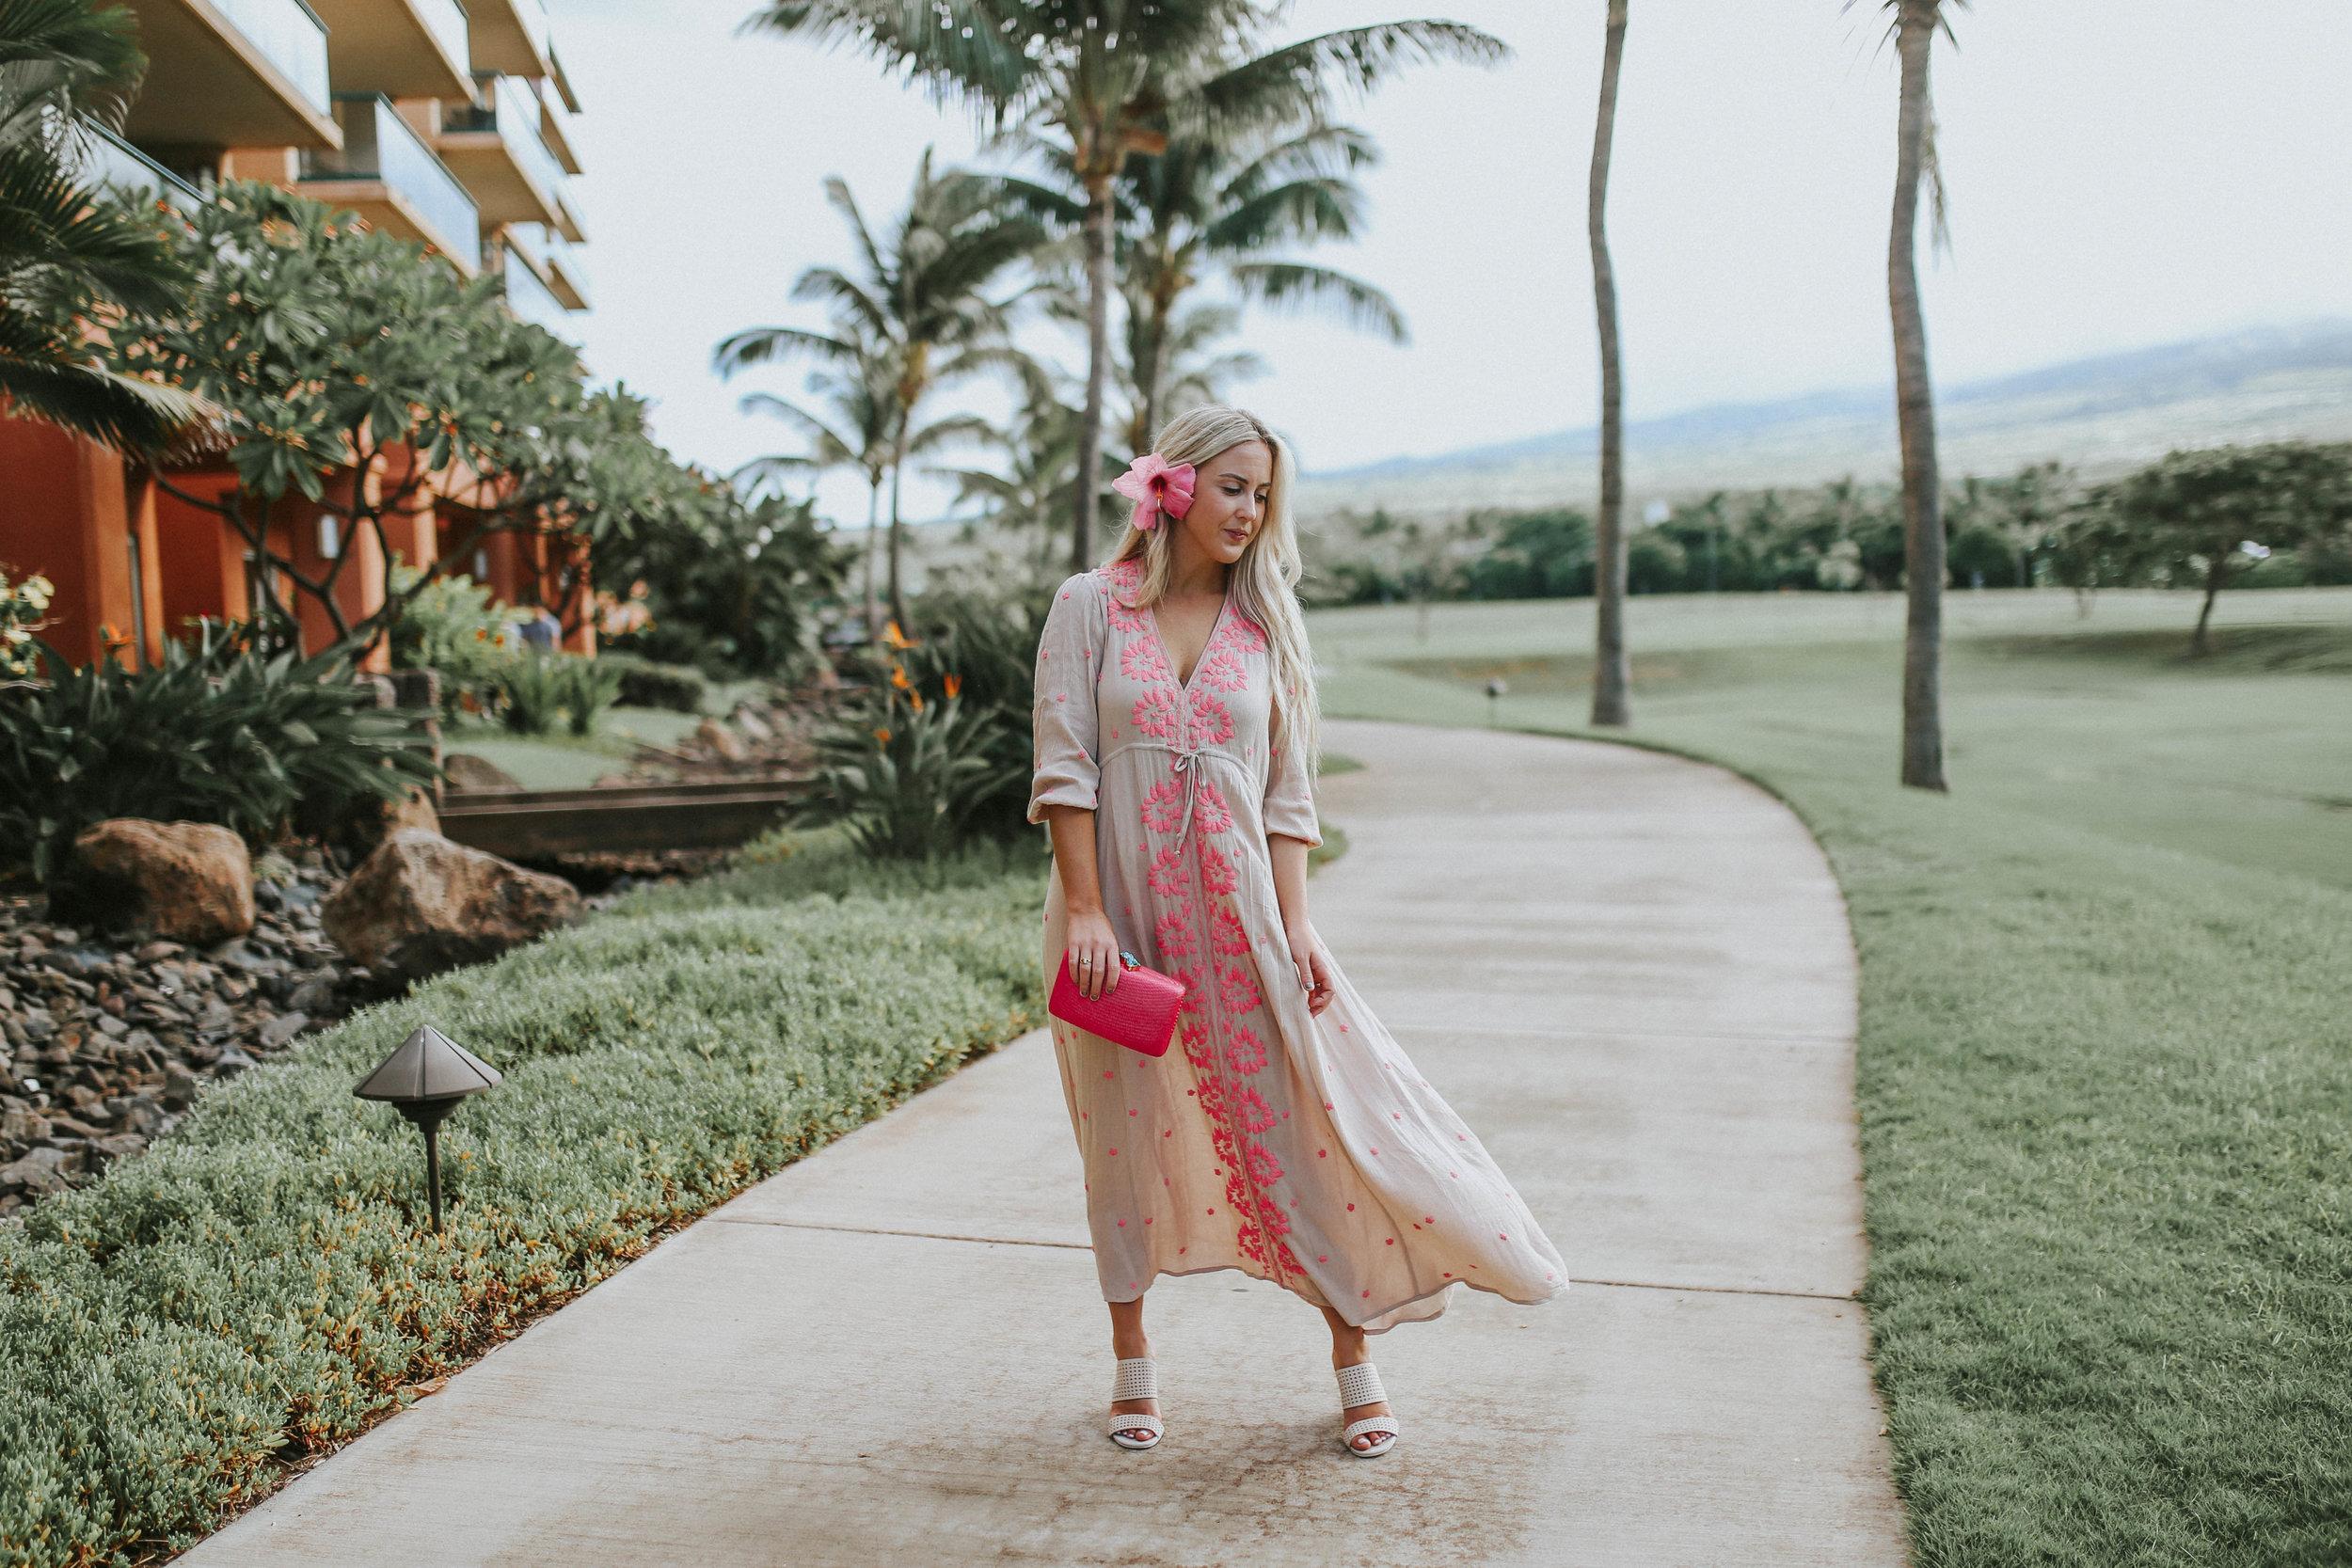 Hawaii-1-11.jpg